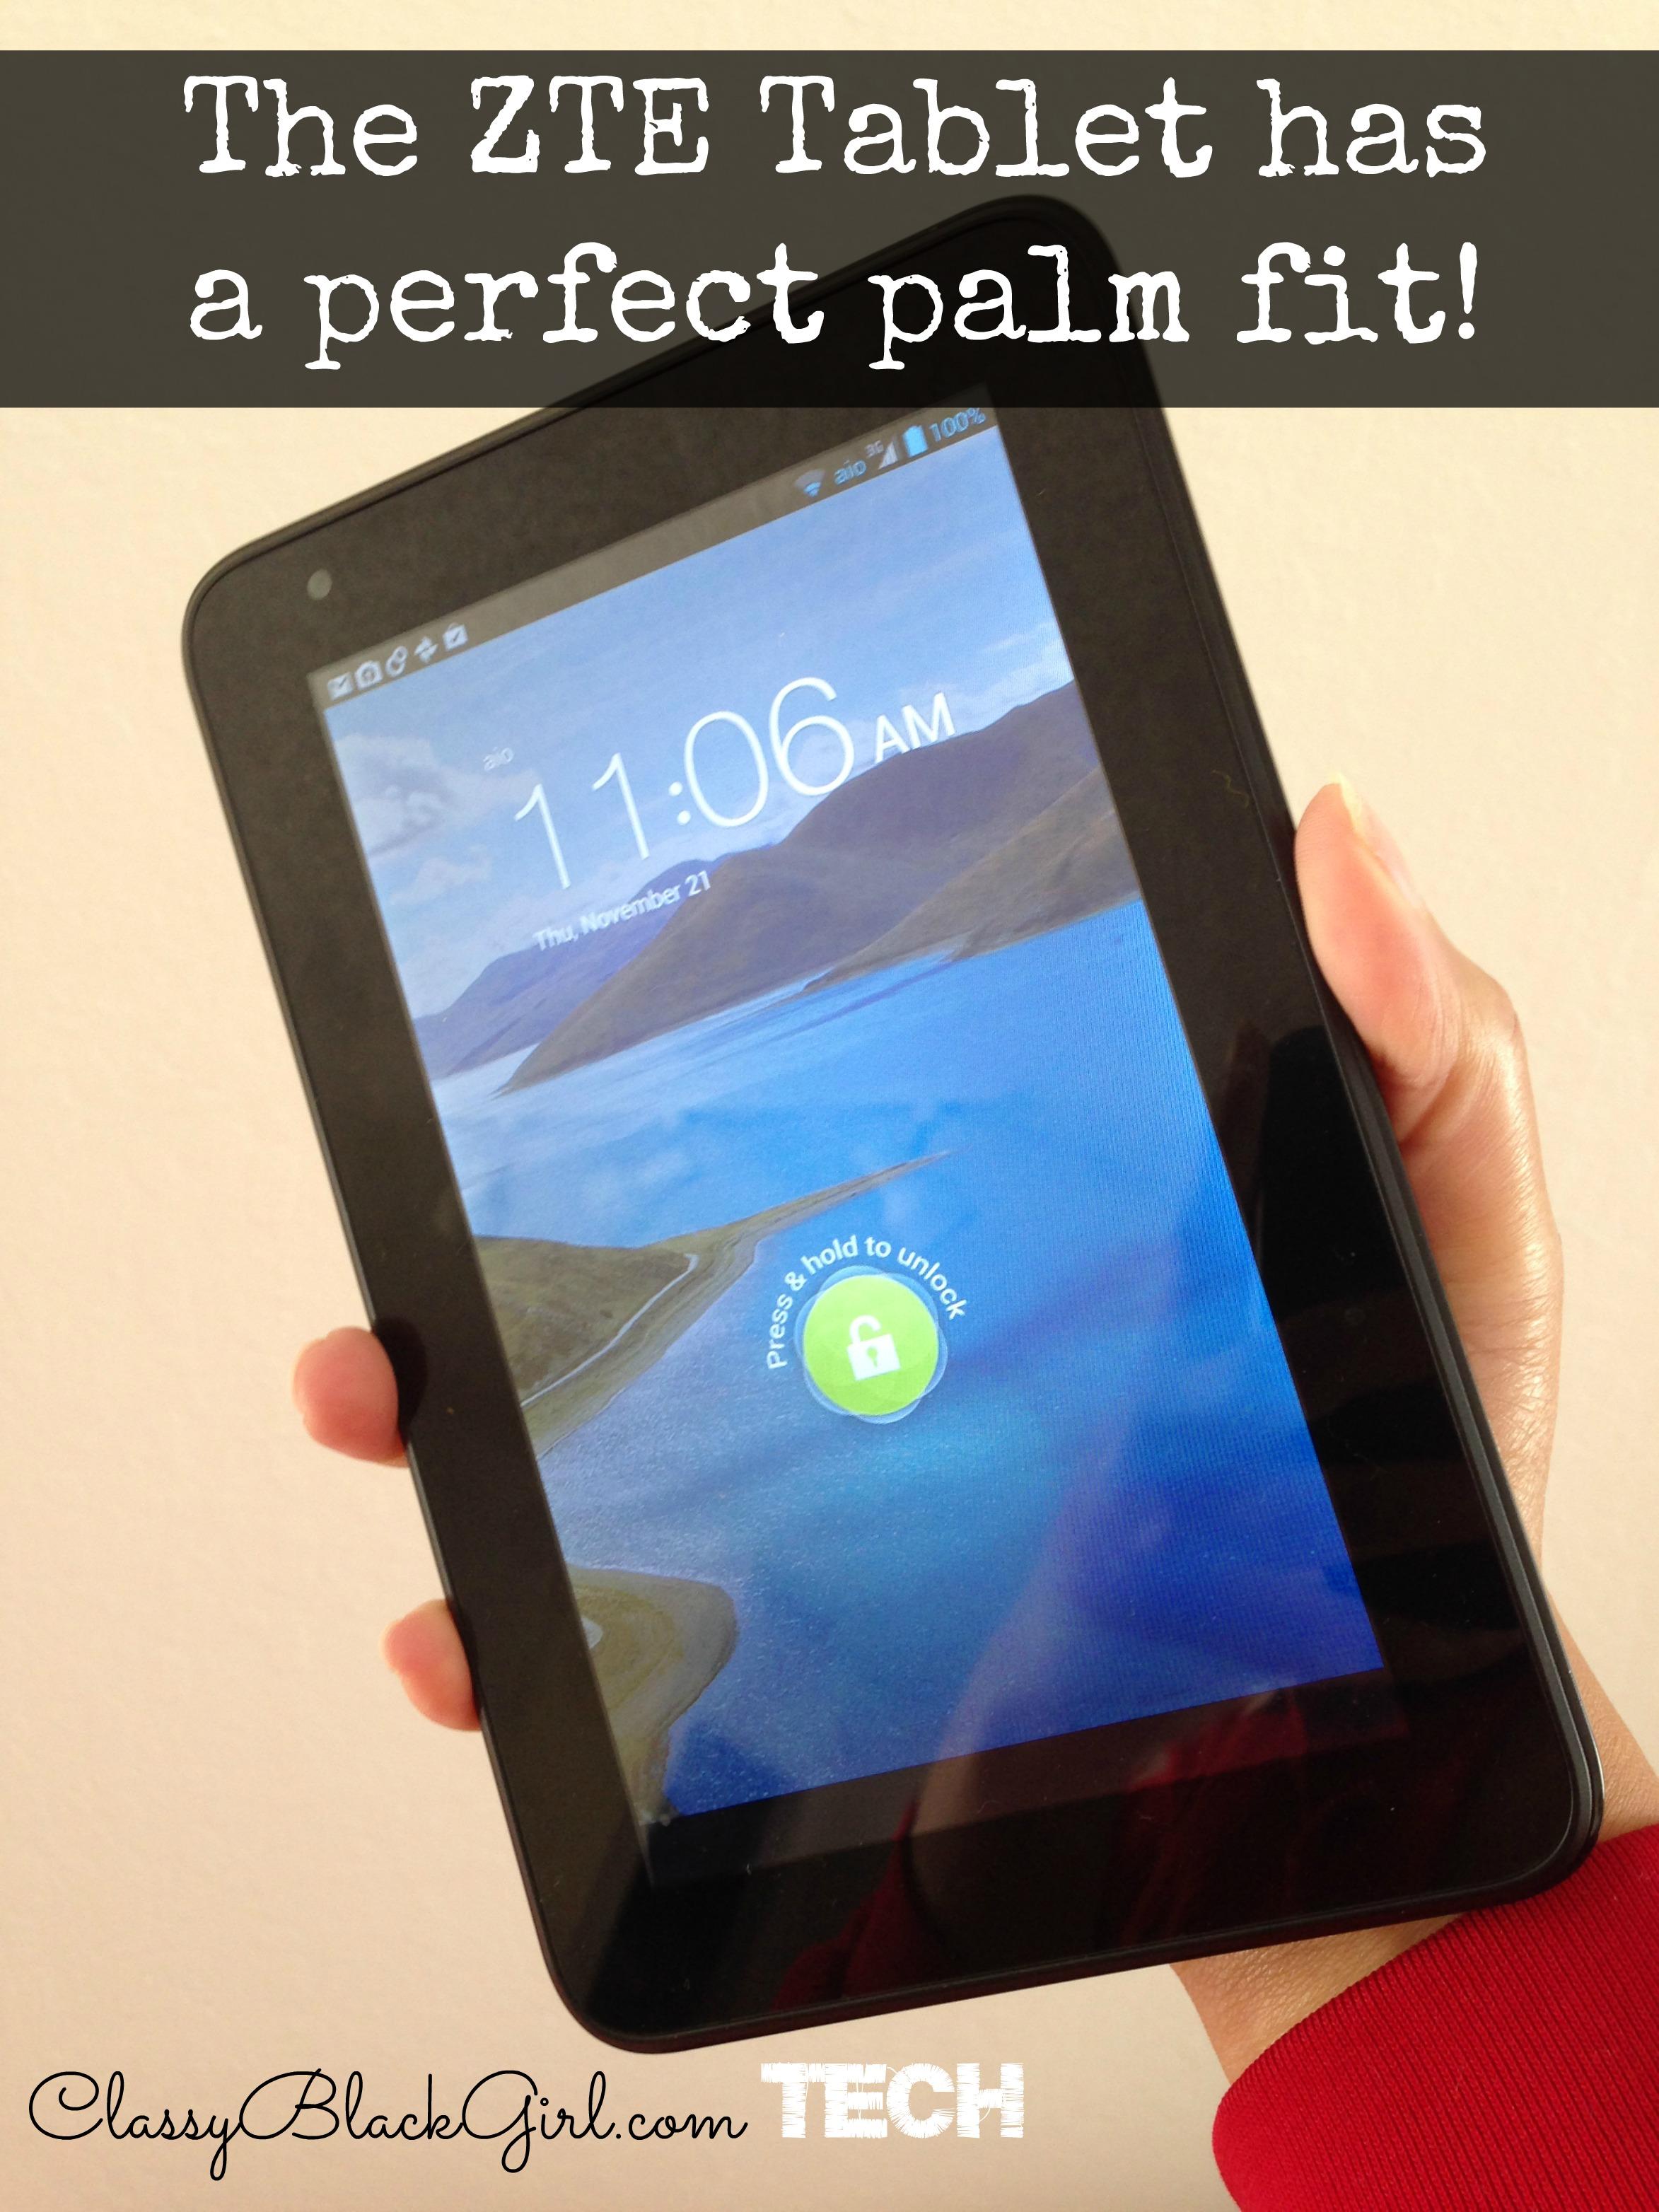 ZTE Tablet Palm Fit ClassyBlackGirl.com TECH